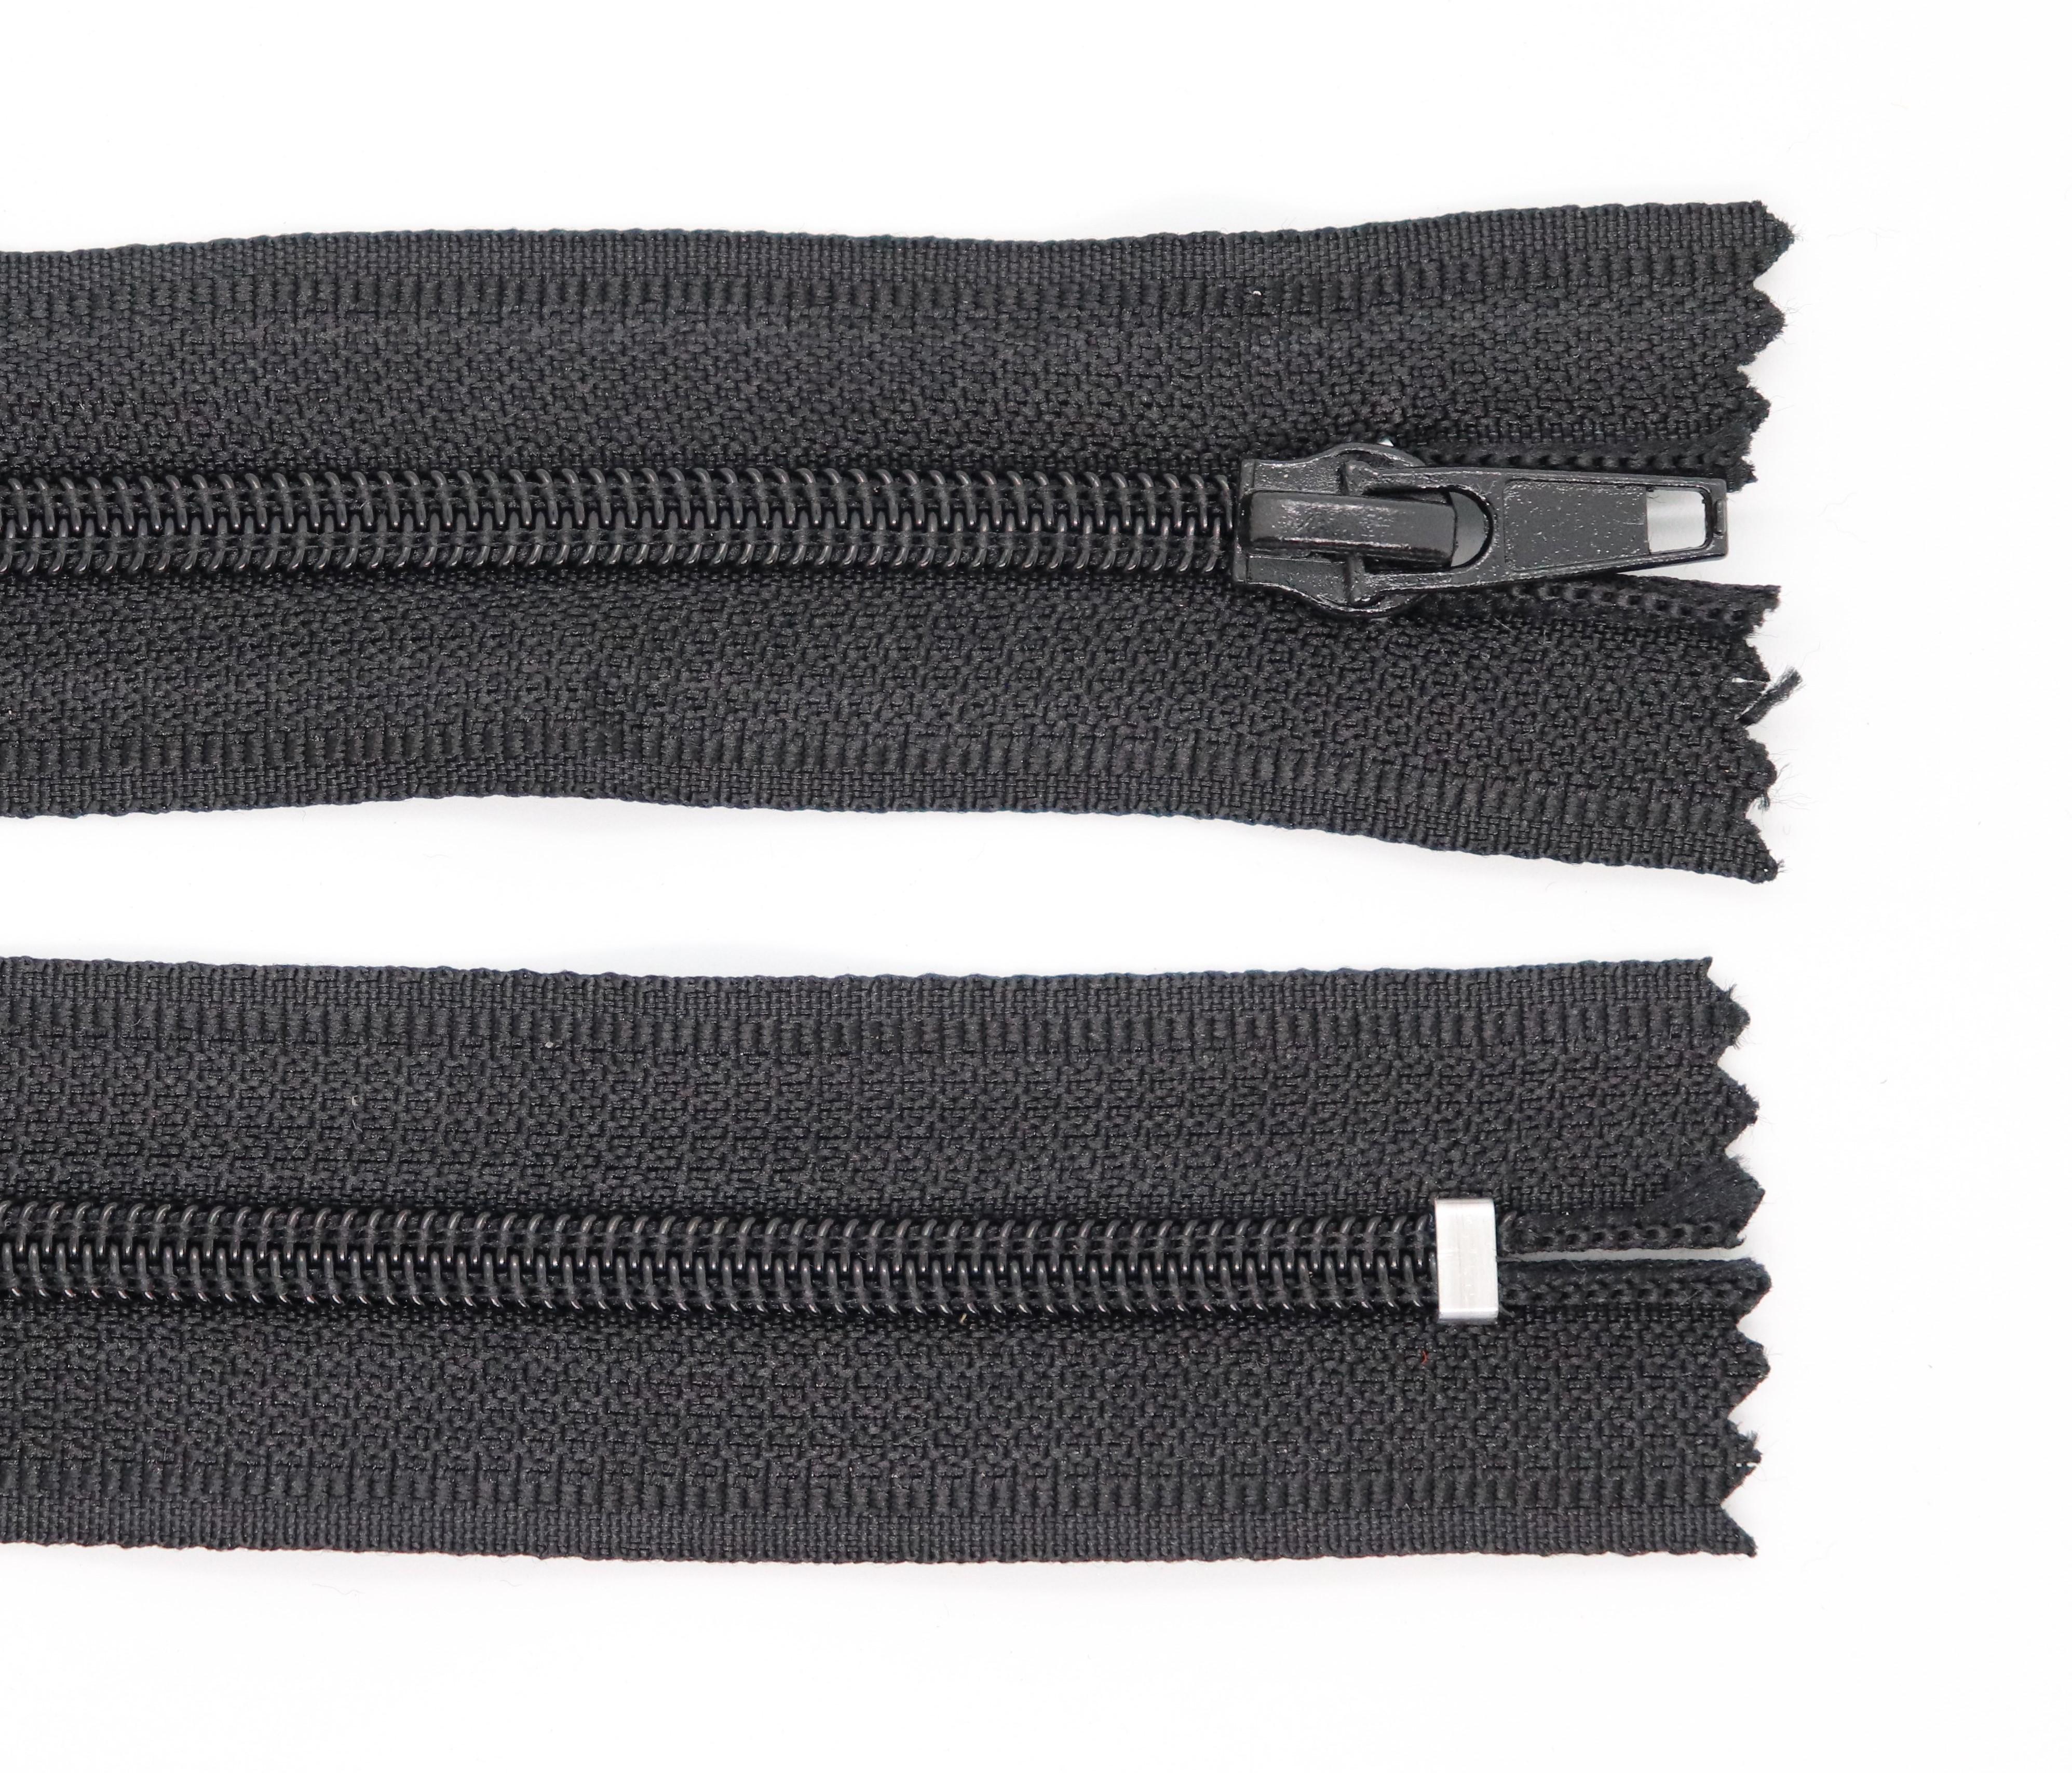 Spirálový zip šíøe 5 mm délka 20 cm nedìlitelný - zvìtšit obrázek